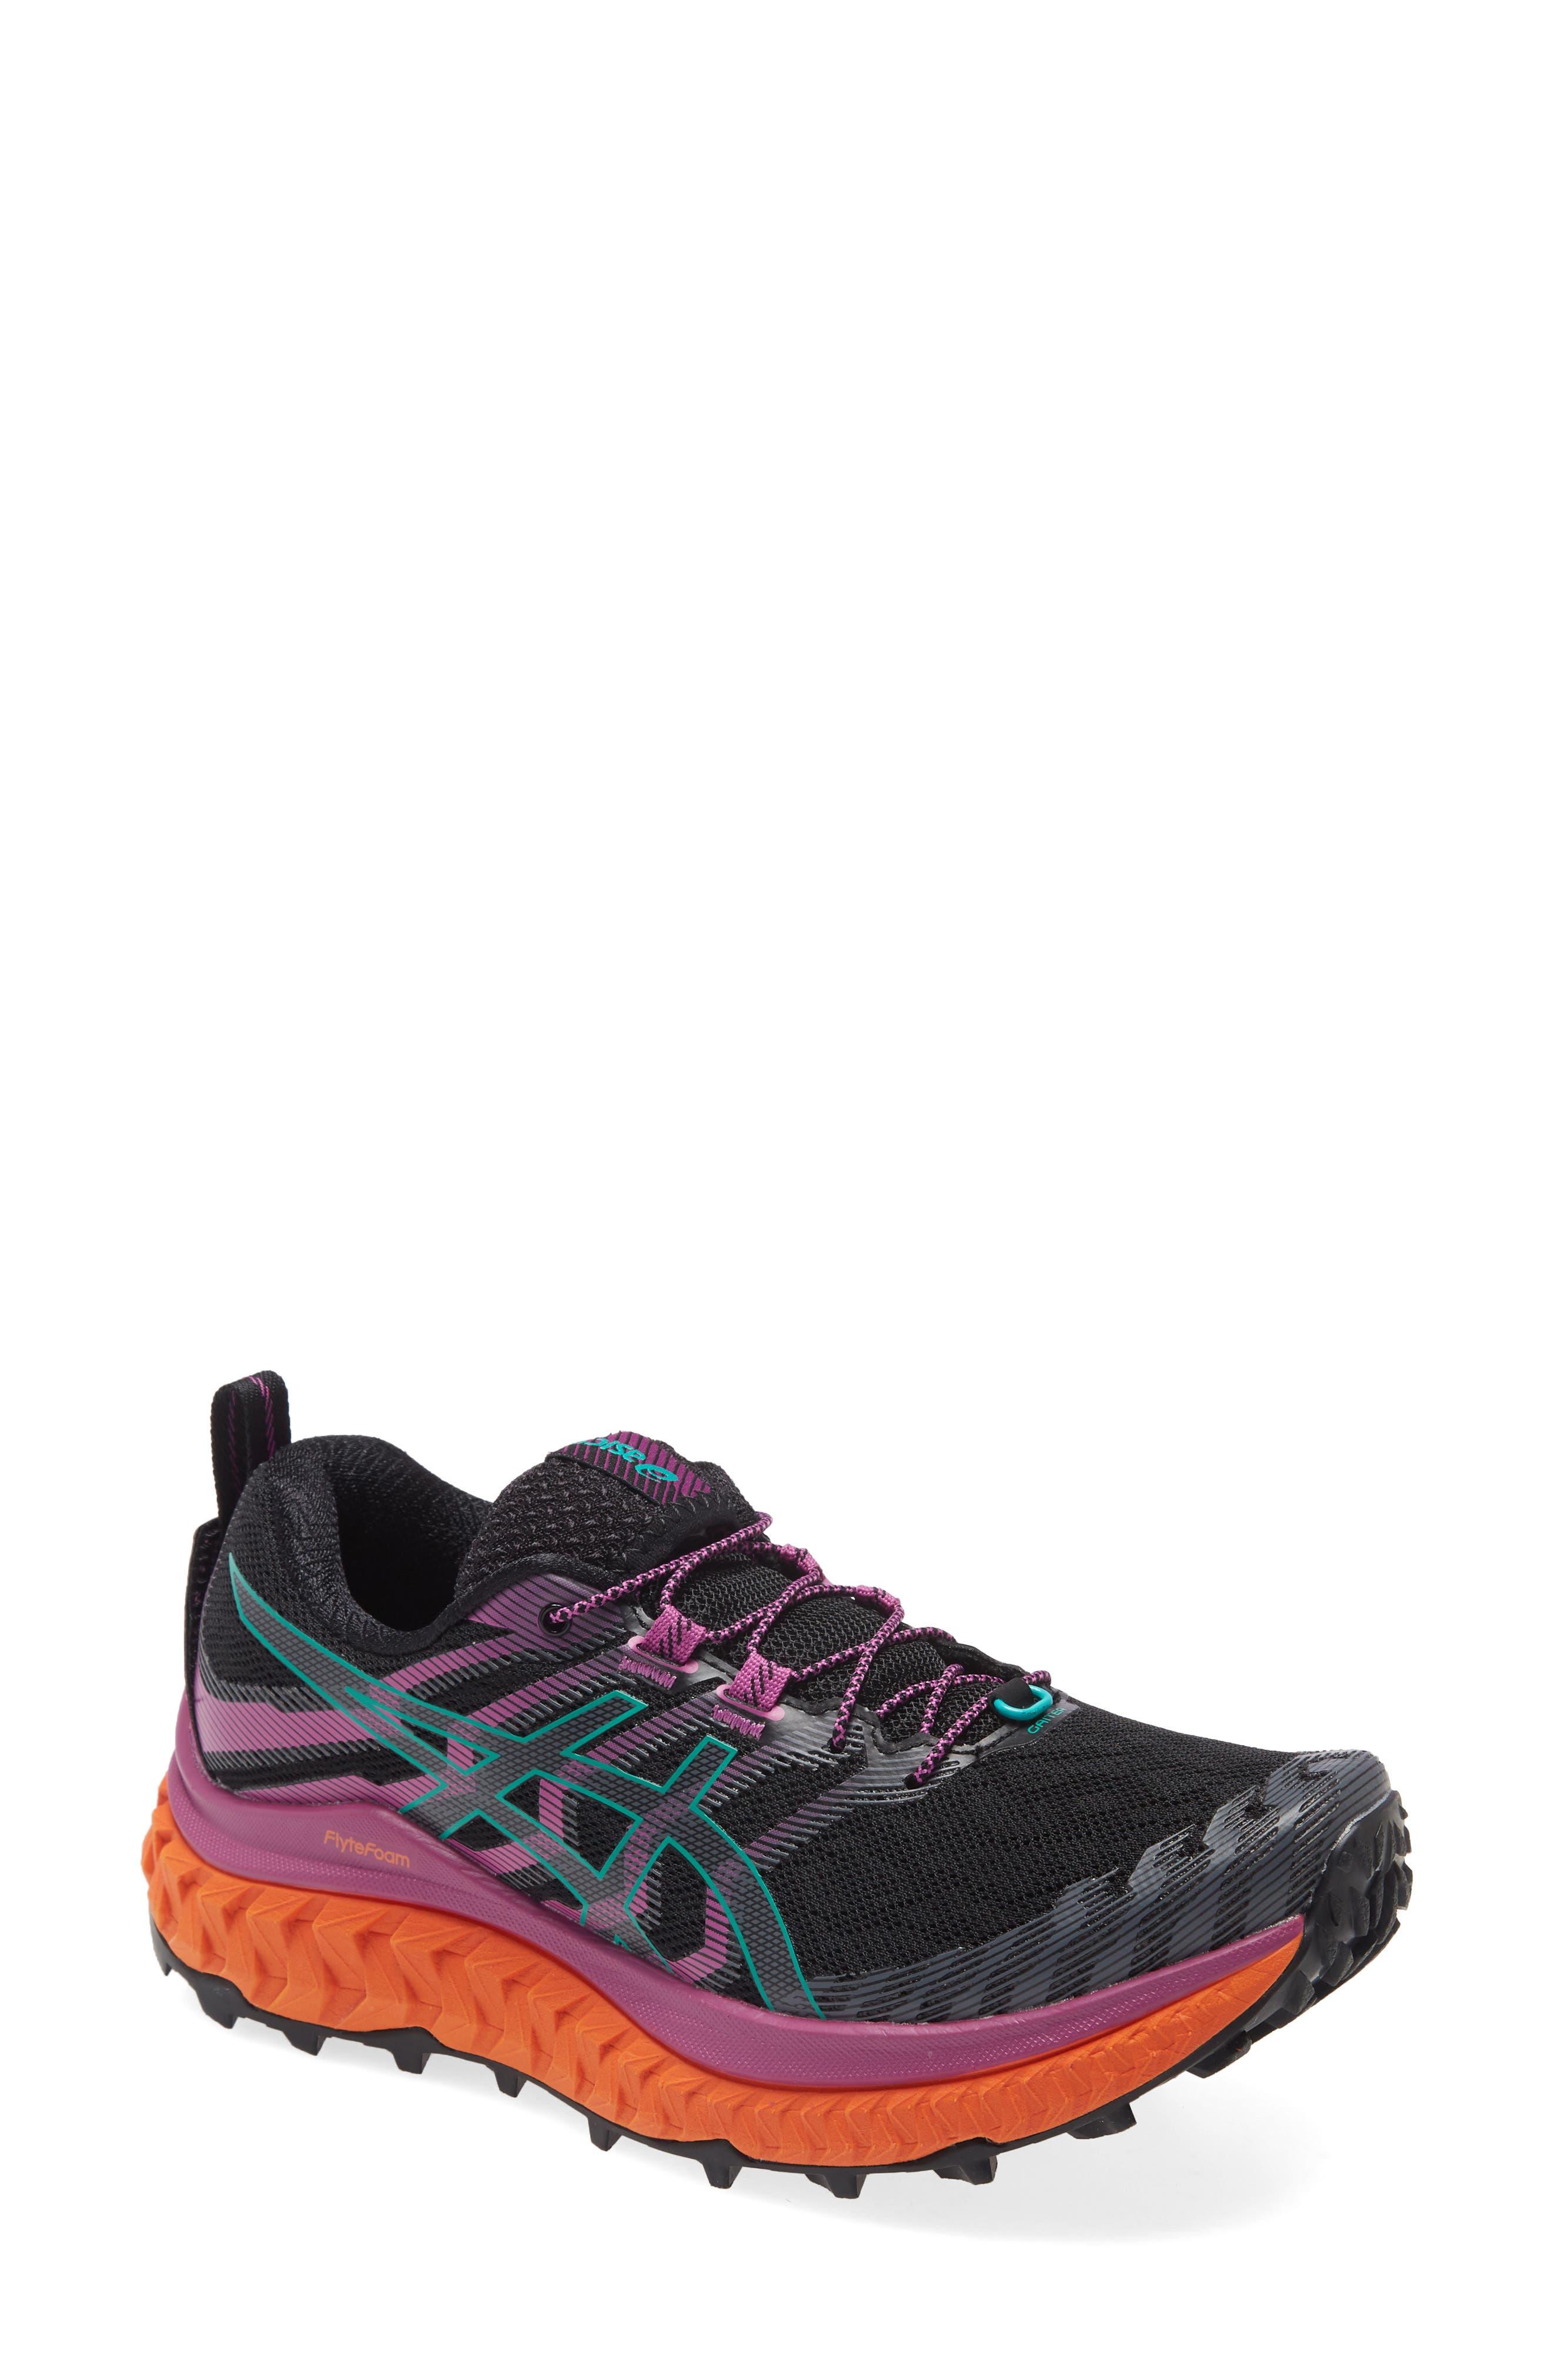 Women's Asics Trabuco Max Trail Running Shoe